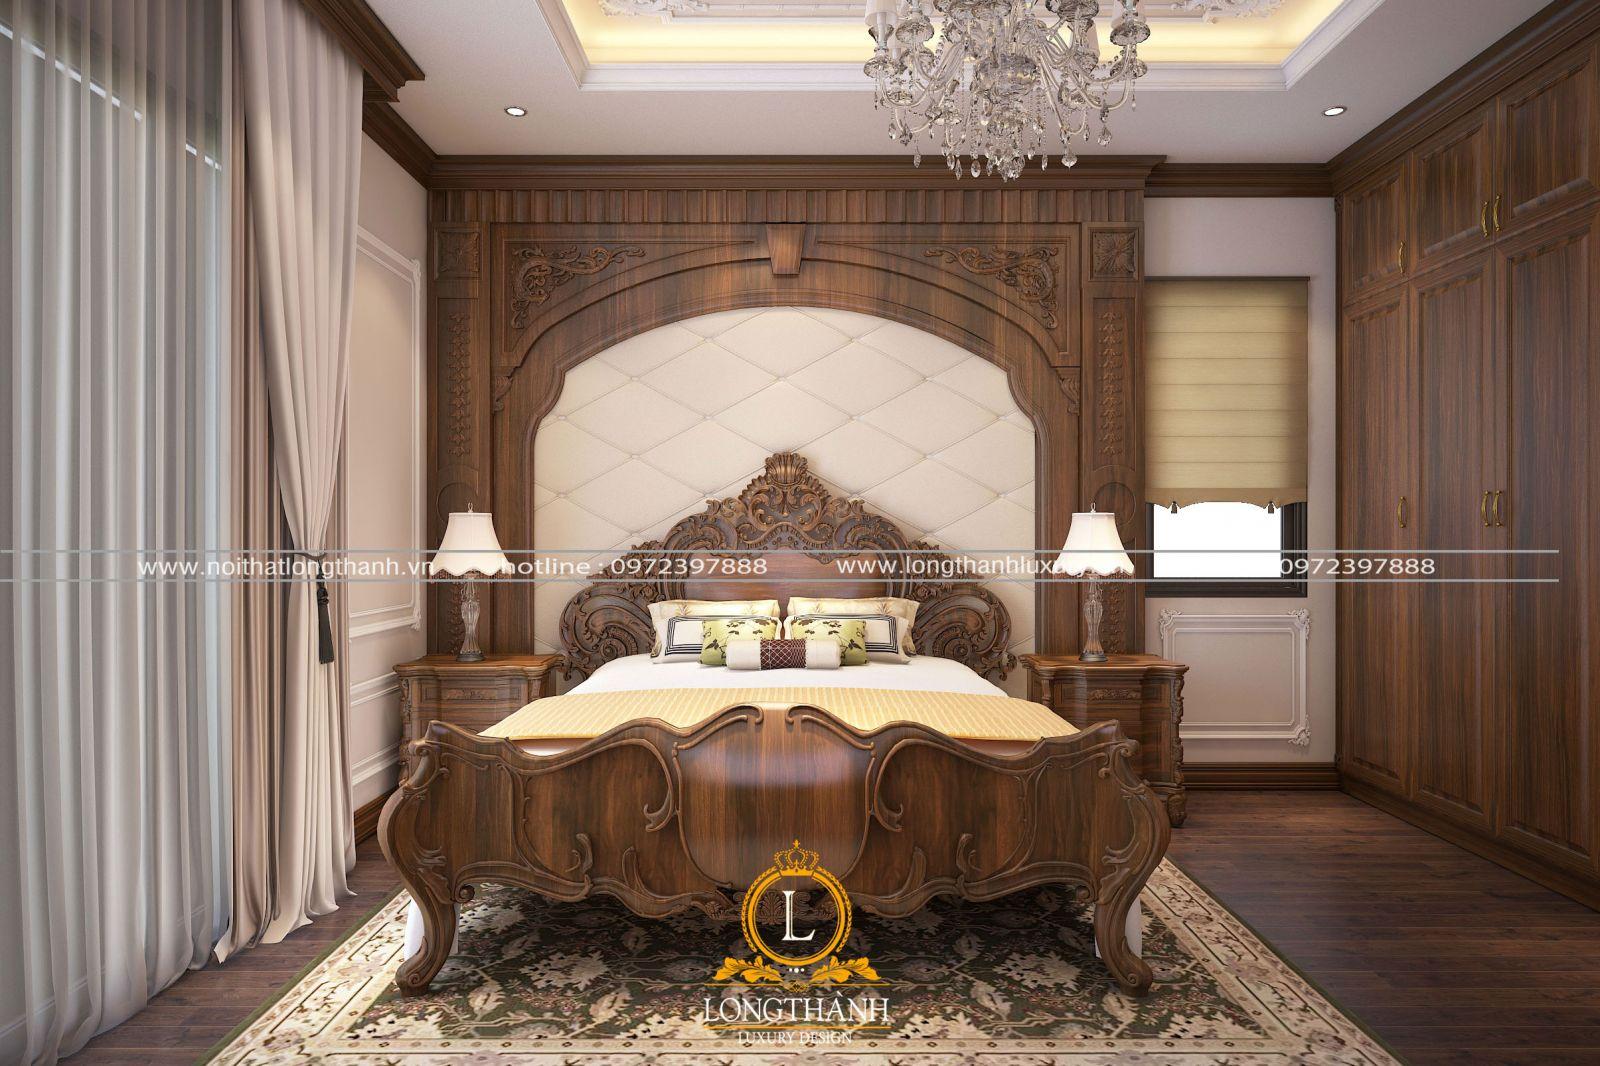 Thiết kế không gian nội thất phòng ngủ nhà phốgóc nhìn chính diện